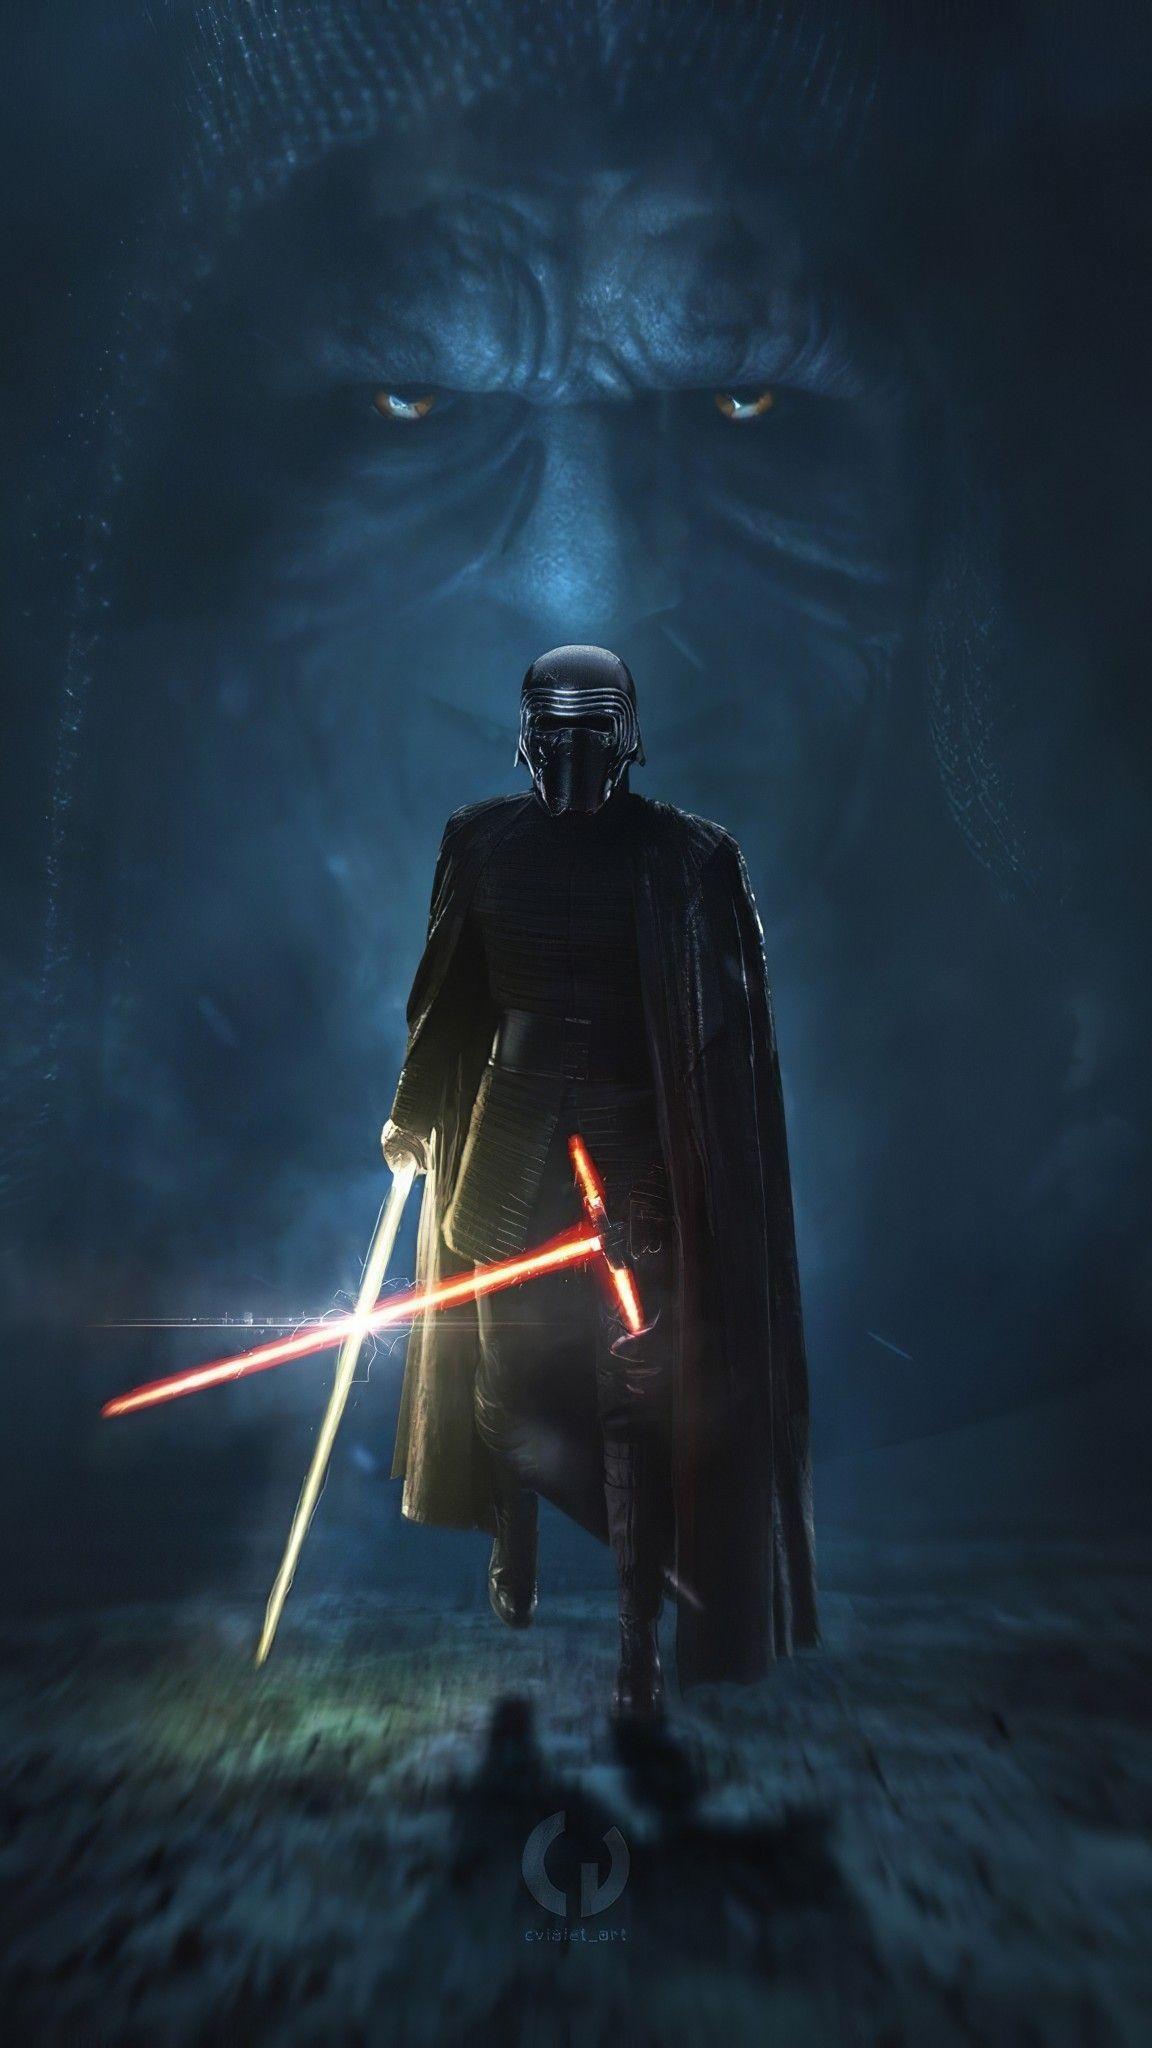 Kylo Ren Star Wars Gifts 2020 Star Wars Wallpaper Iphone Darth Vader Wallpaper Iphone Star Wars Awesome